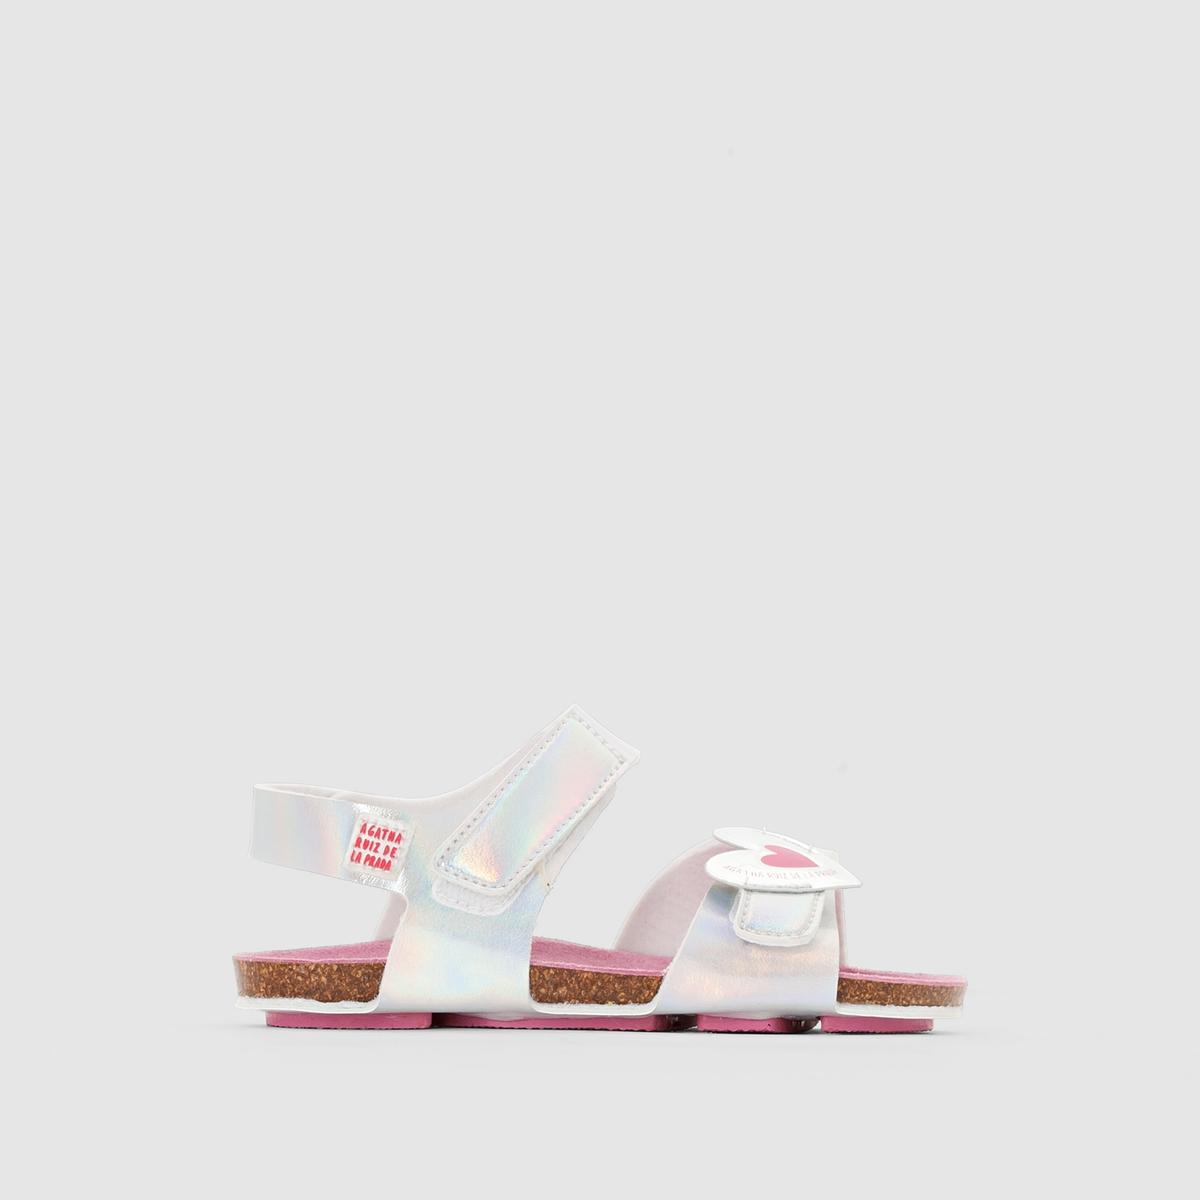 Сандалии открытые AGATHA RUIZ DE LA PRADA BIO CORAZONОчаровательные сандалии, которые легко надевать и снимать благодаря  планкам-велкро и  которые подойдут к любому наряду юной модницы: не оставят  и вас равнодушным!<br><br>Цвет: белый,розовый металлик<br>Размер: 22.23.26